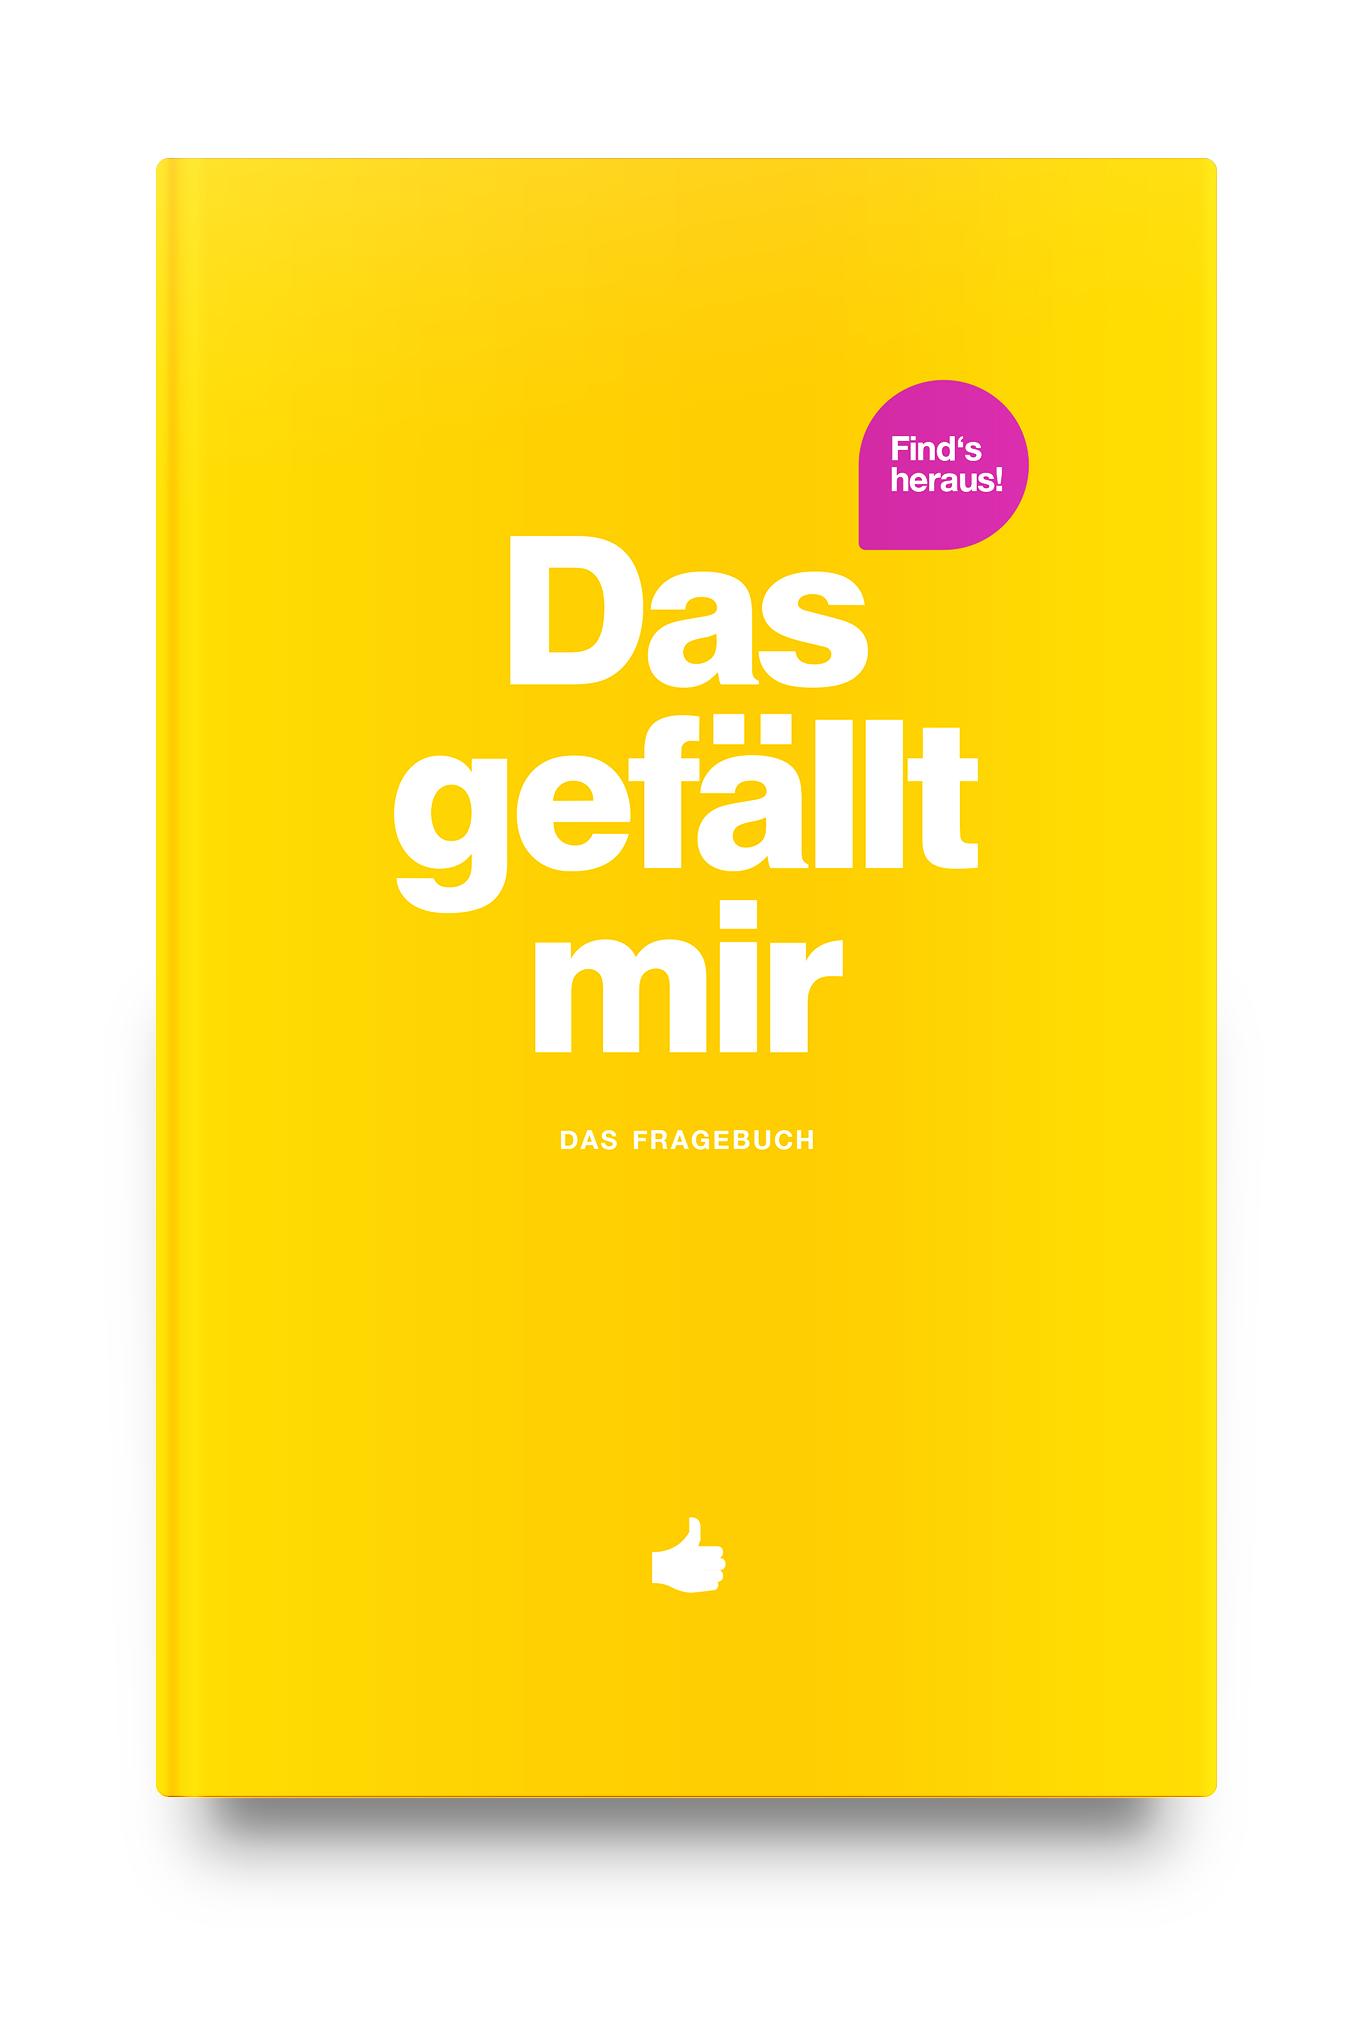 """Das Fragebuch   Das neue """"Das gefällt mir"""" Fragebuch – rund um alles, was dir gefällt. Jetzt in auch in Gelb!"""